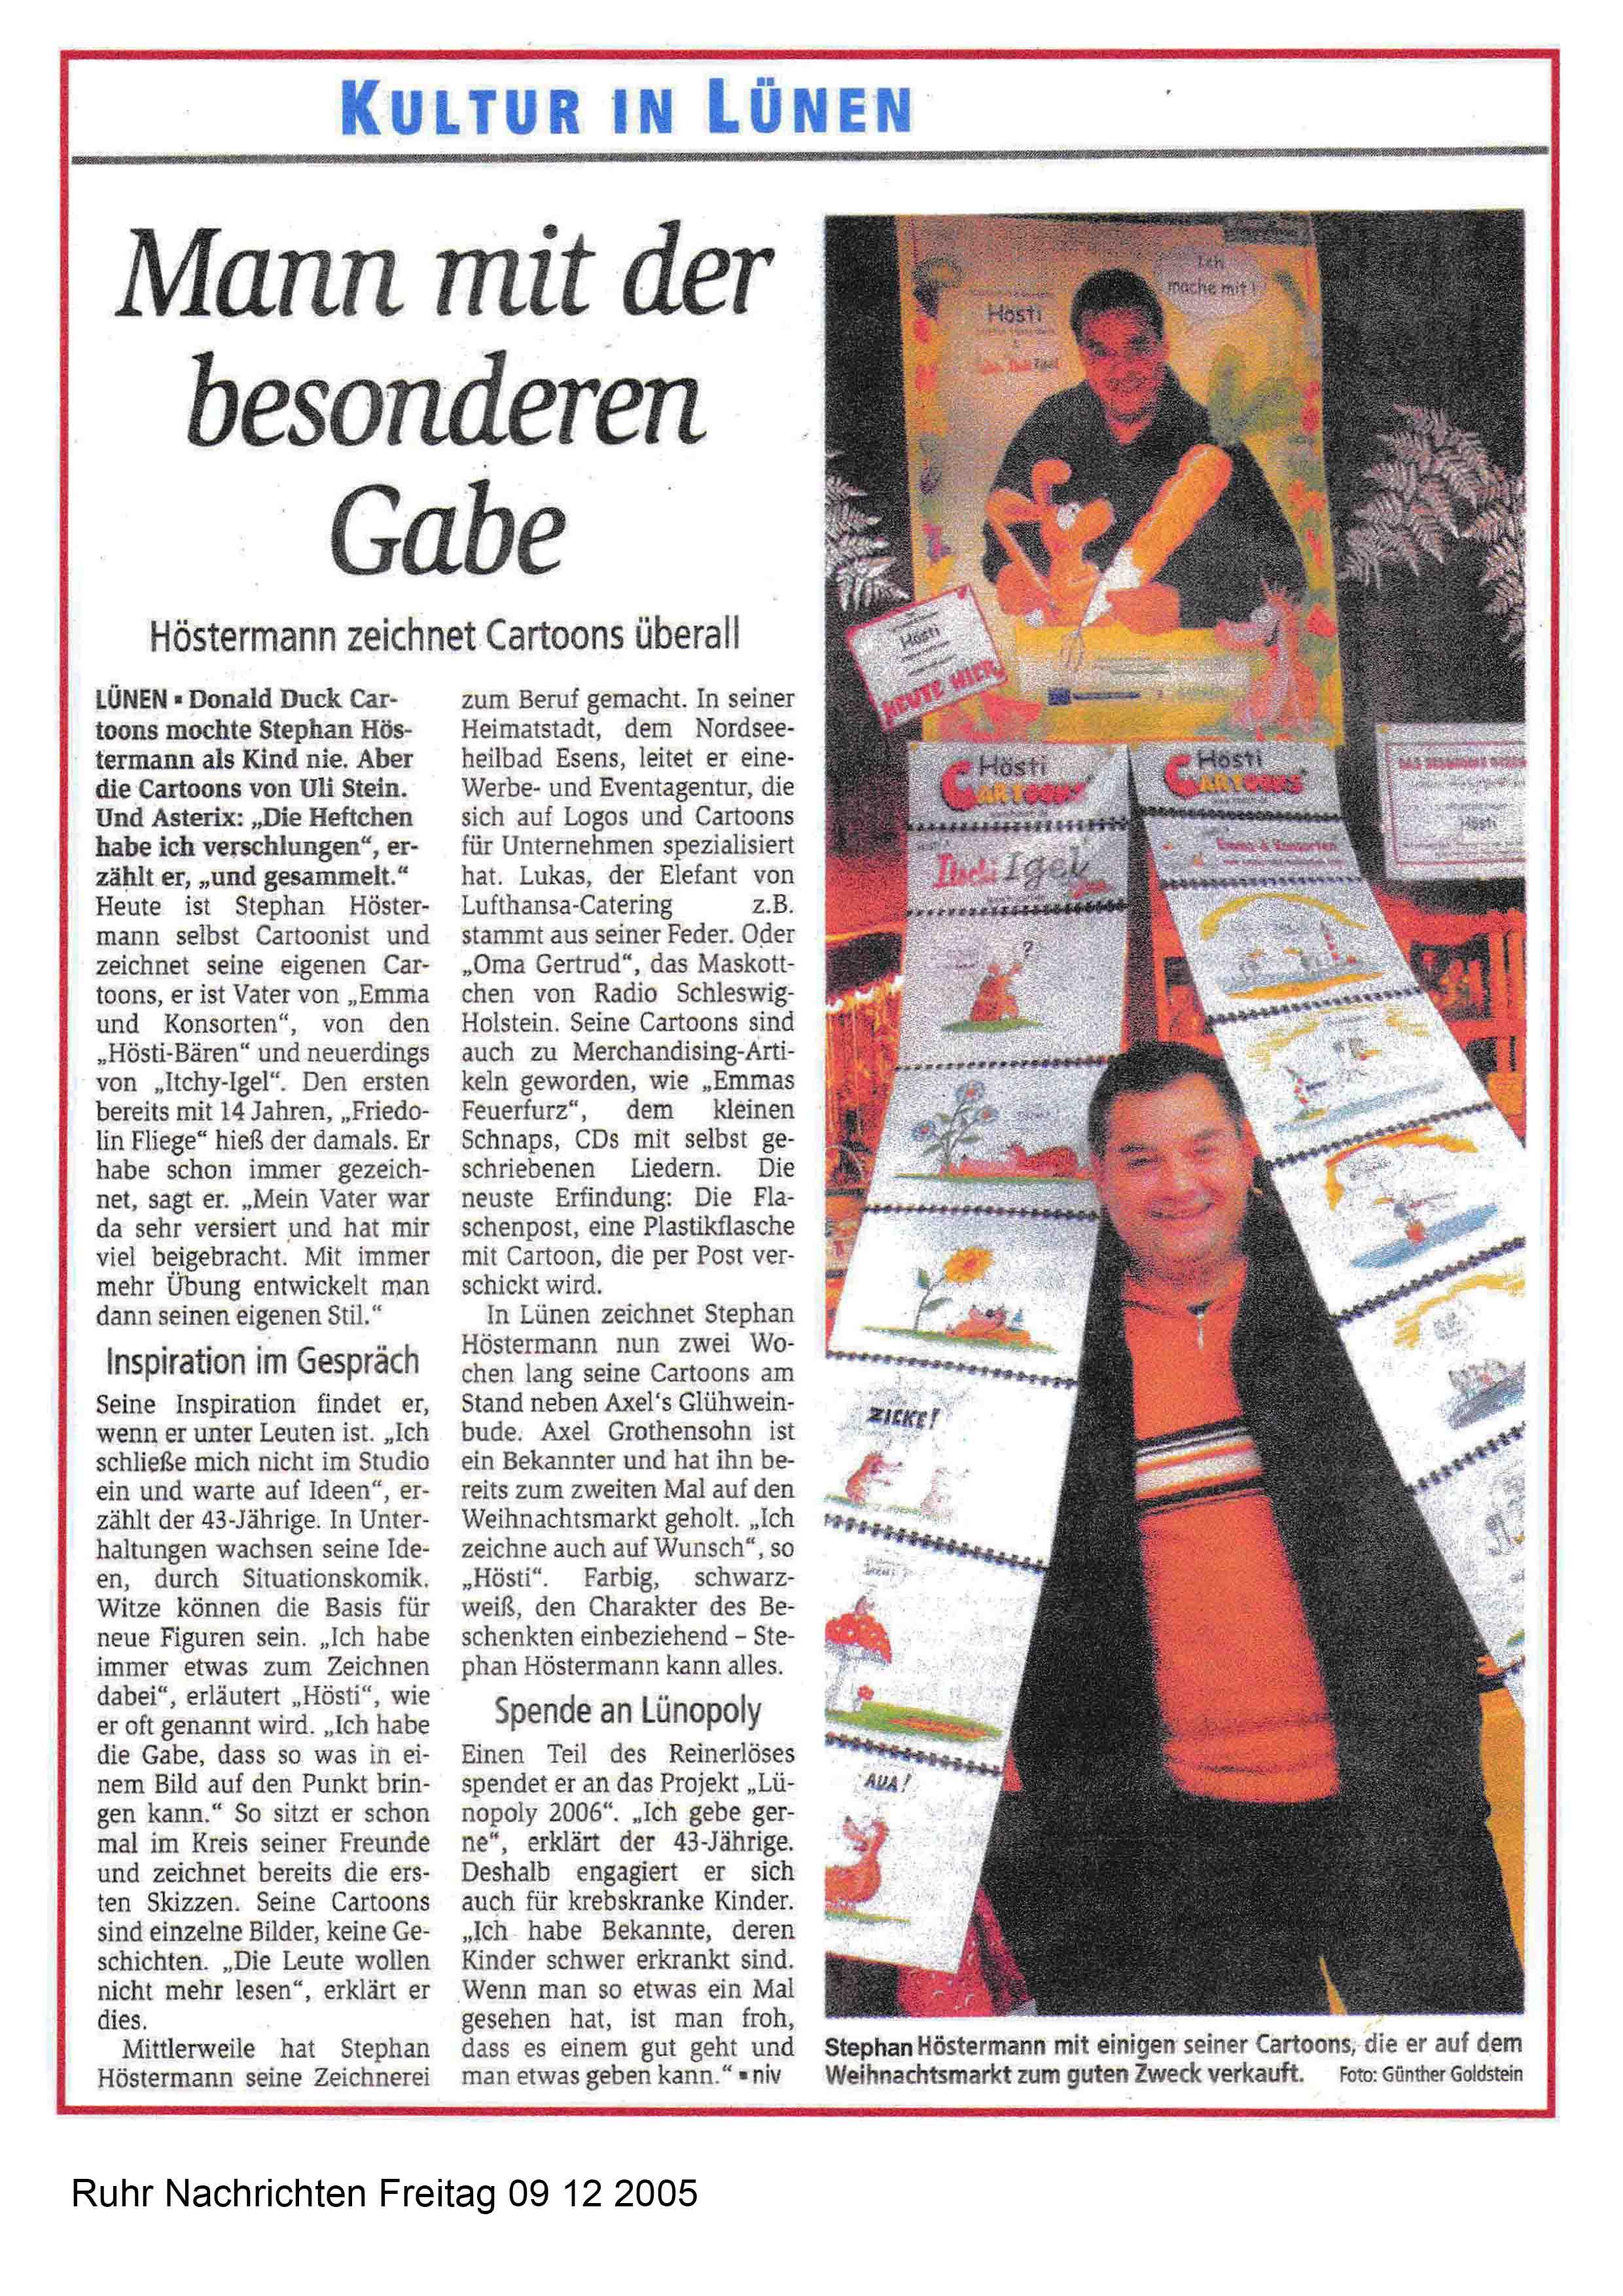 Ruhr Nachrichten Freitag 09 12 2005